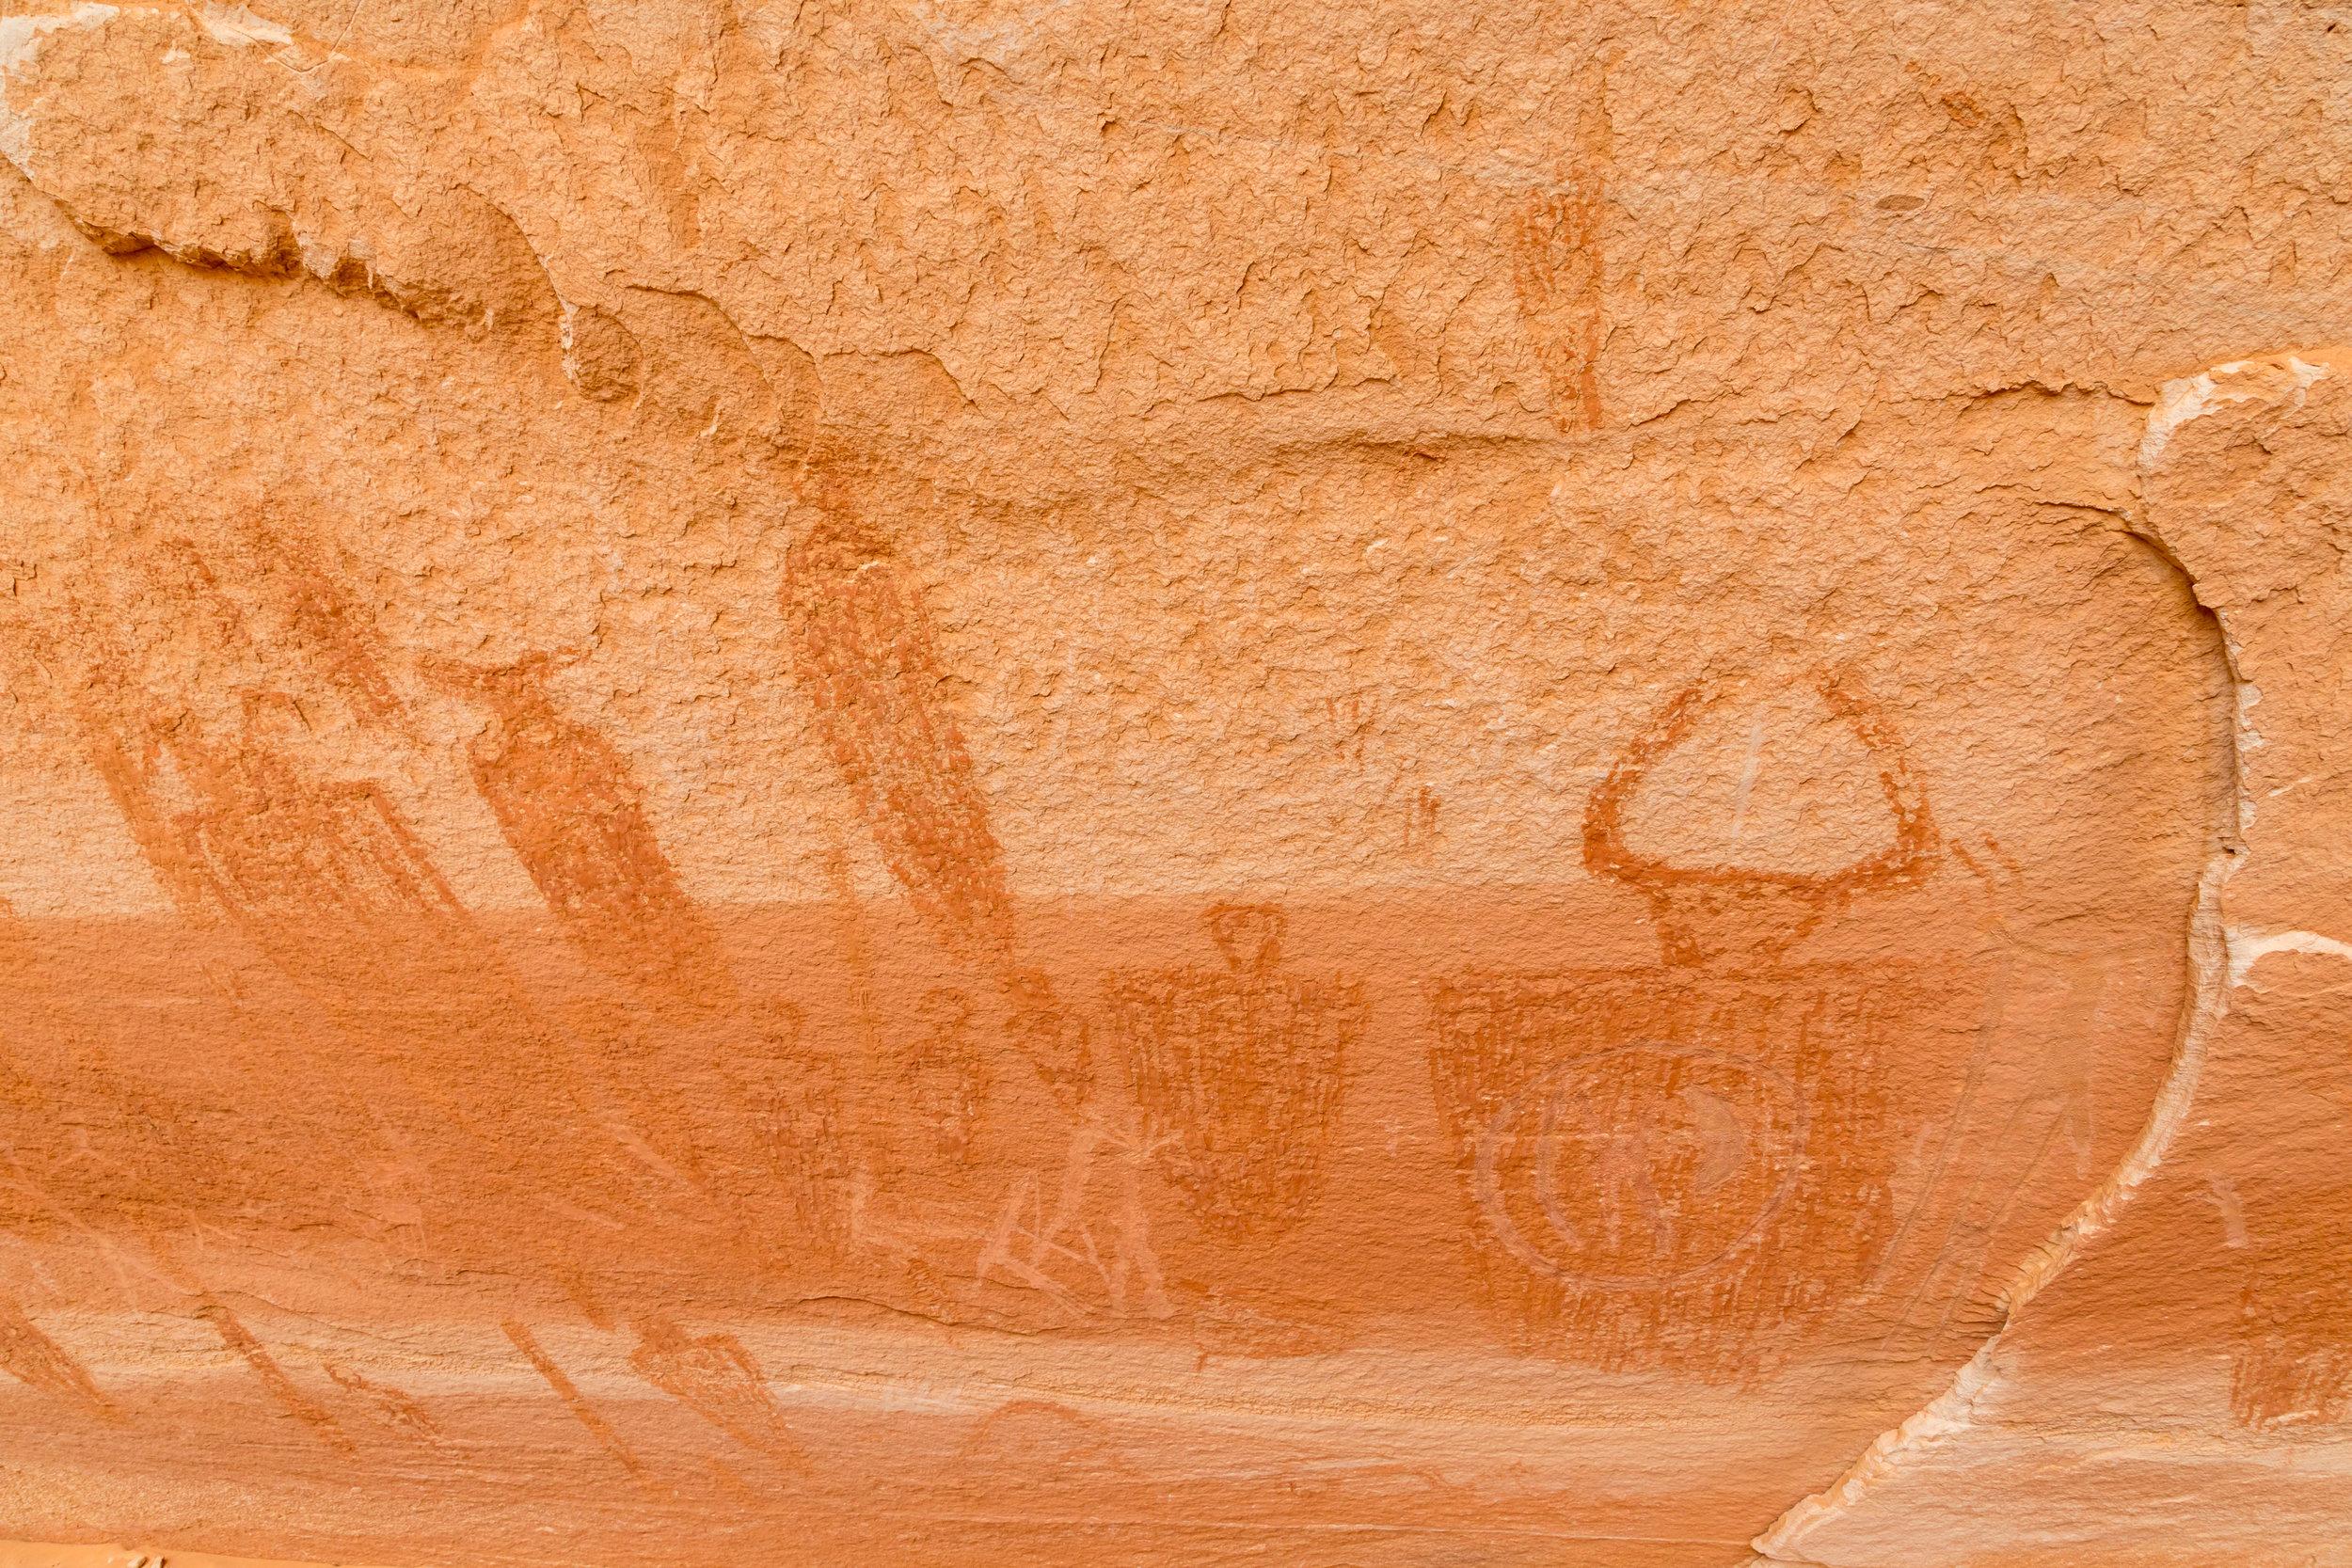 Horseshoe Canyon, Image # 8898